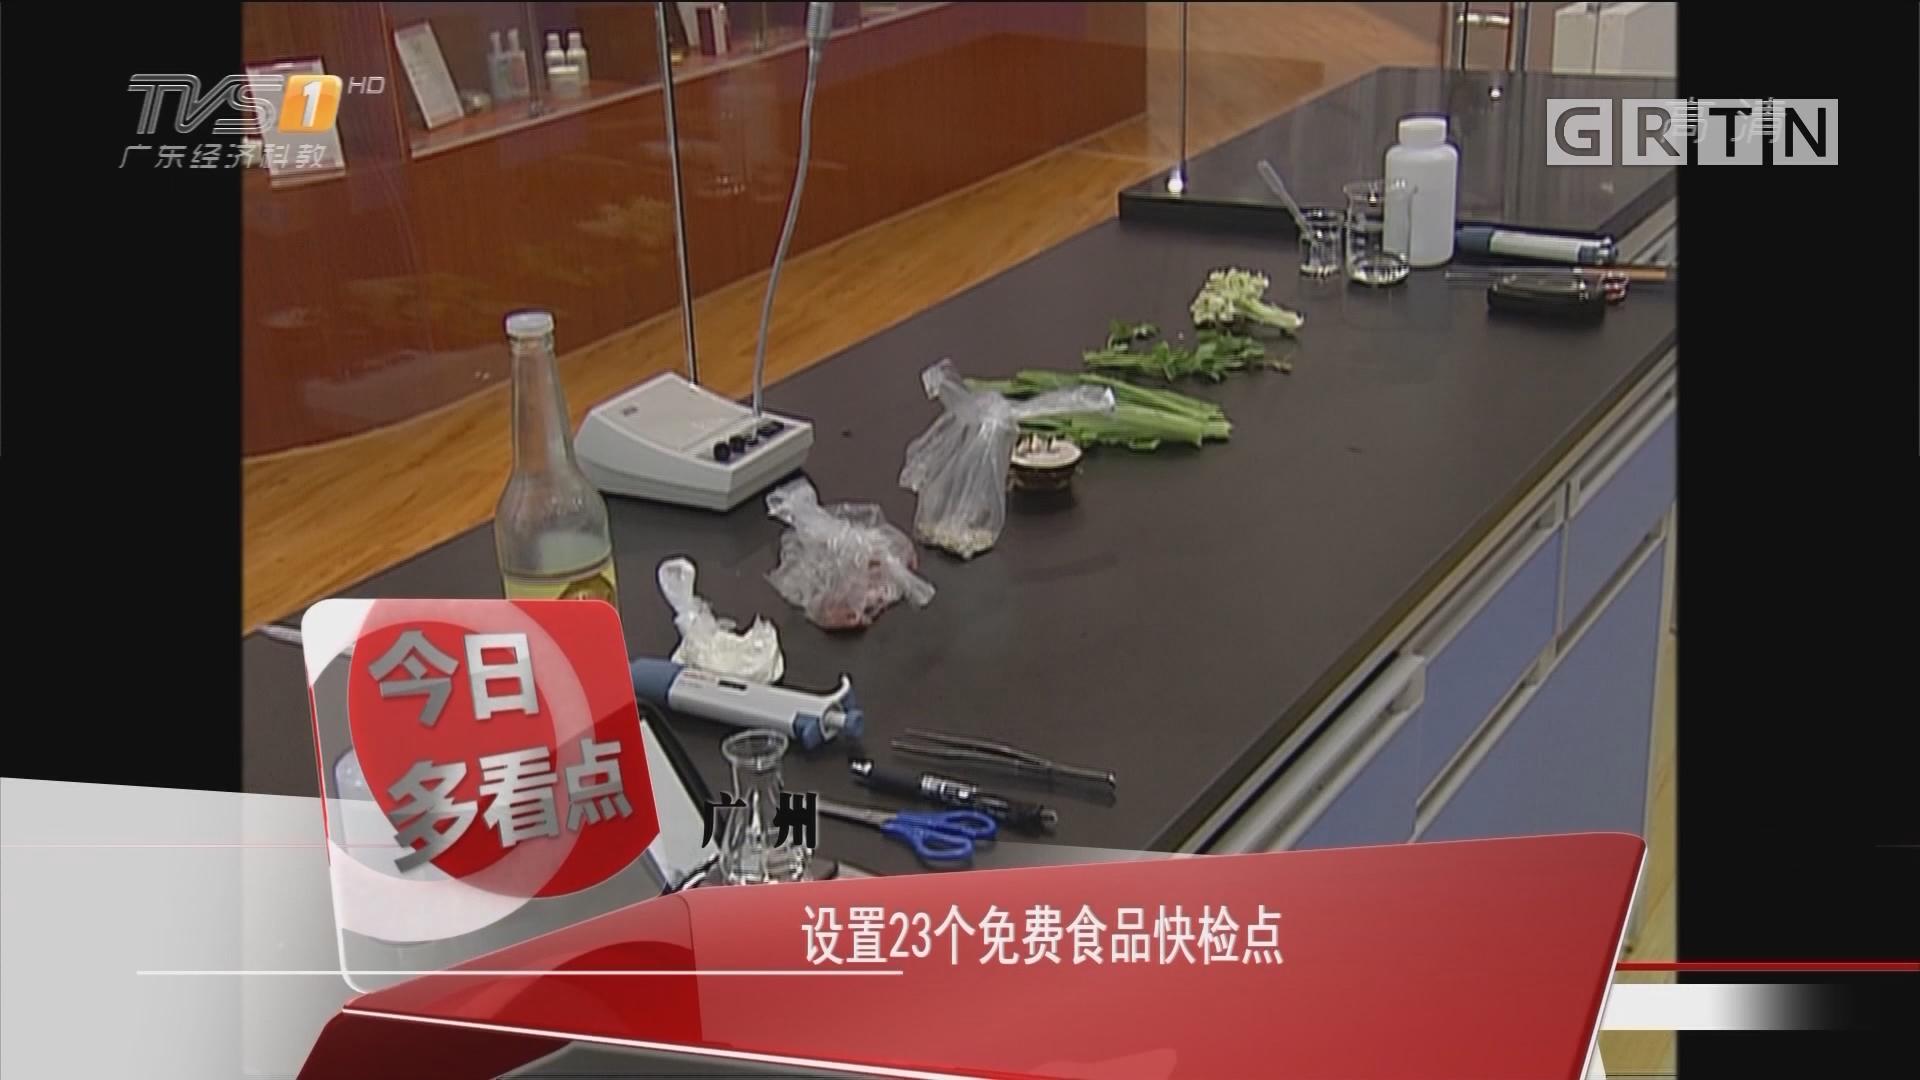 广州:设置23个免费食品快检点